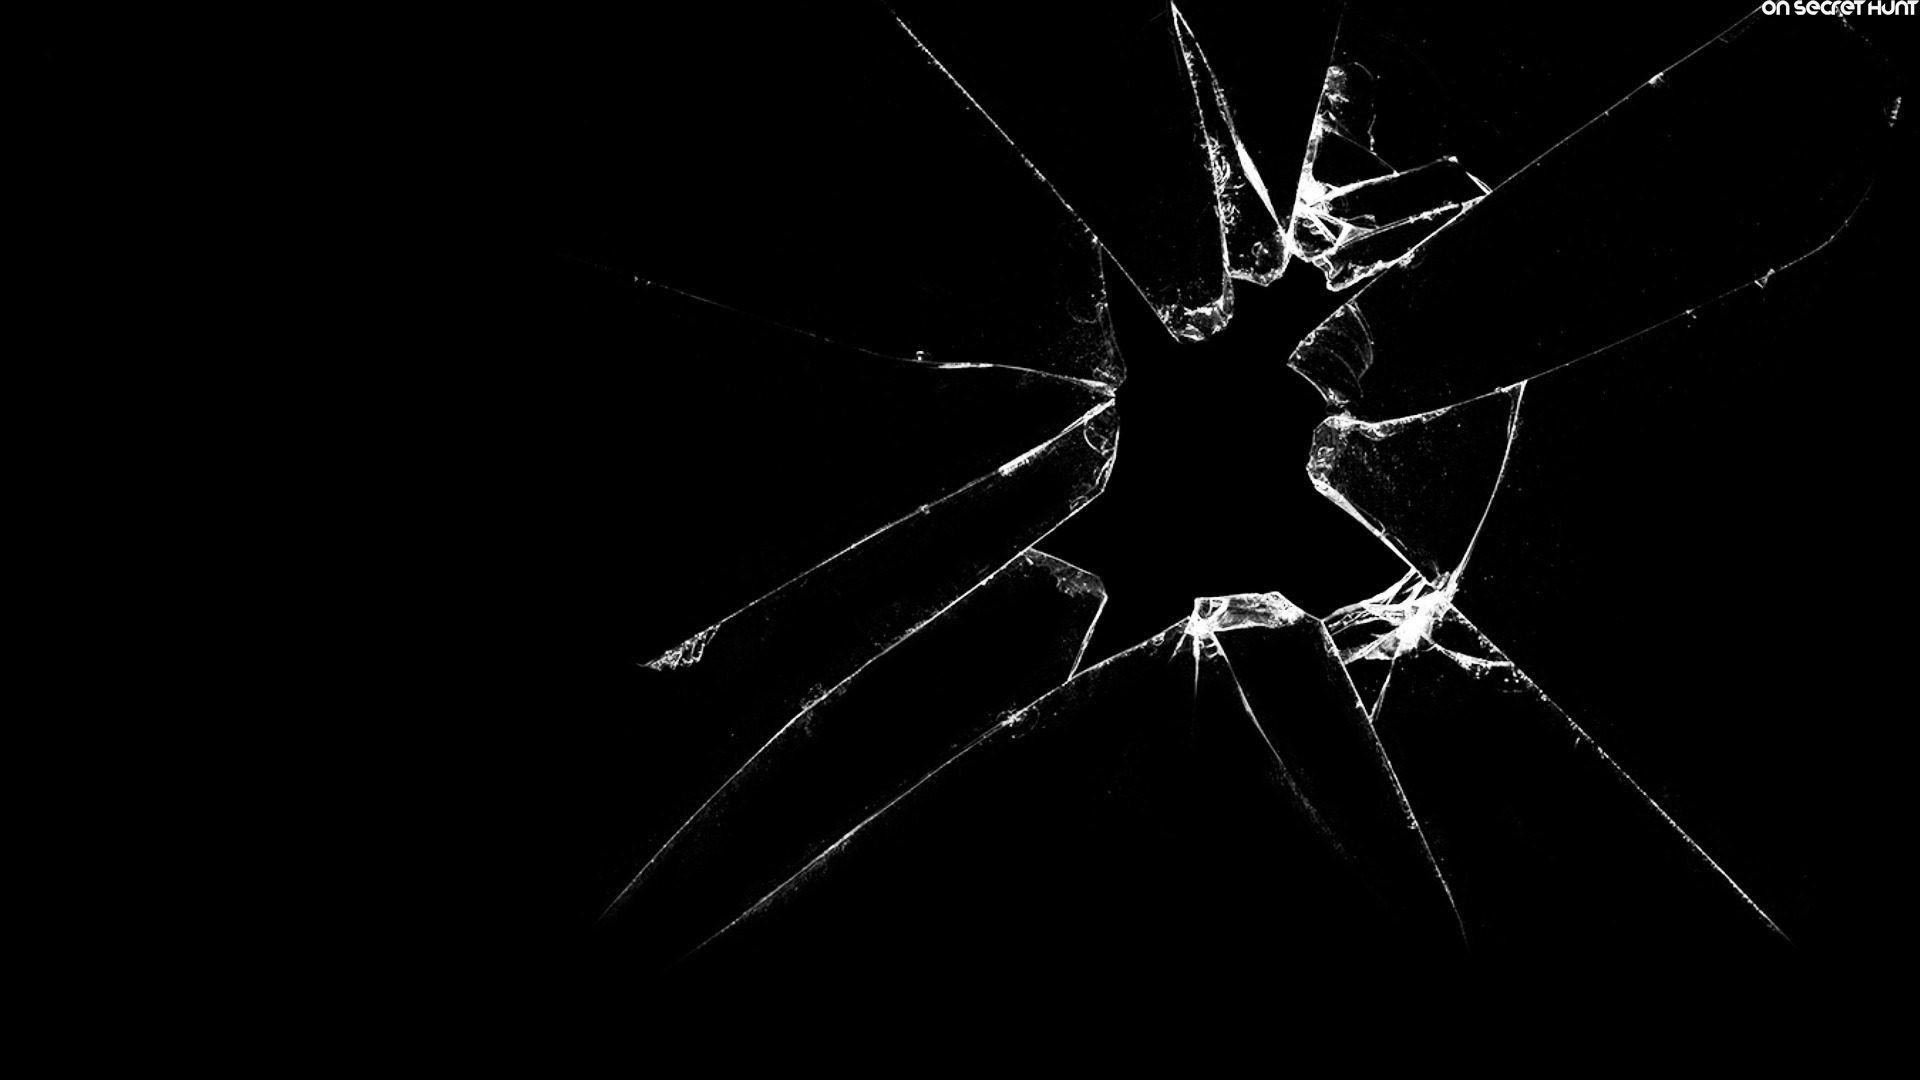 3D Broken Glass 4 15131 Cool Wallpapers HD